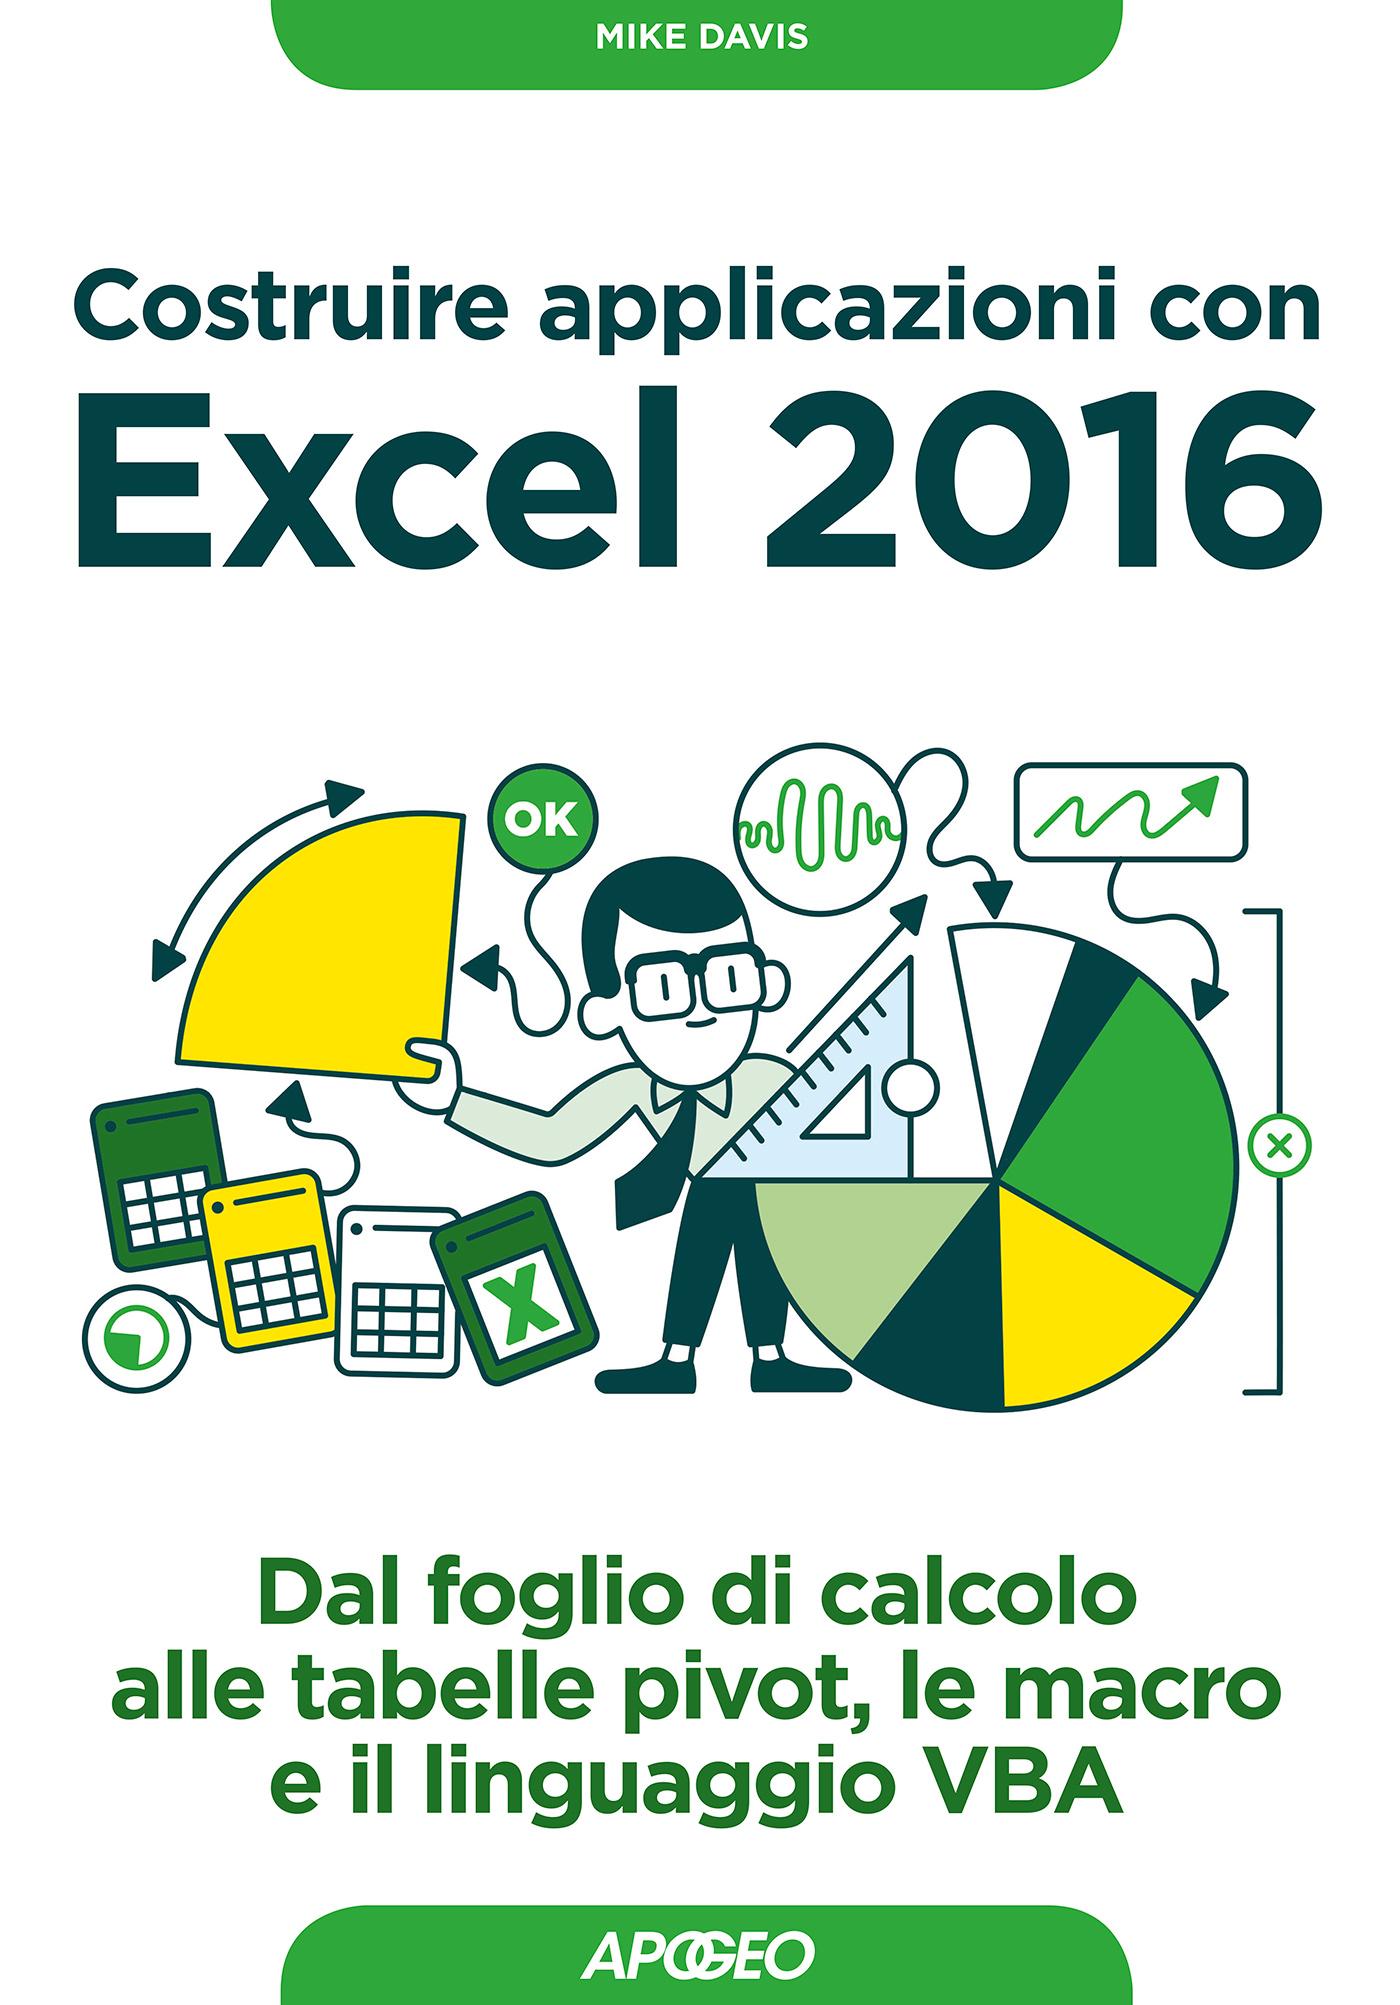 Costruire applicazioni con Excel 2016